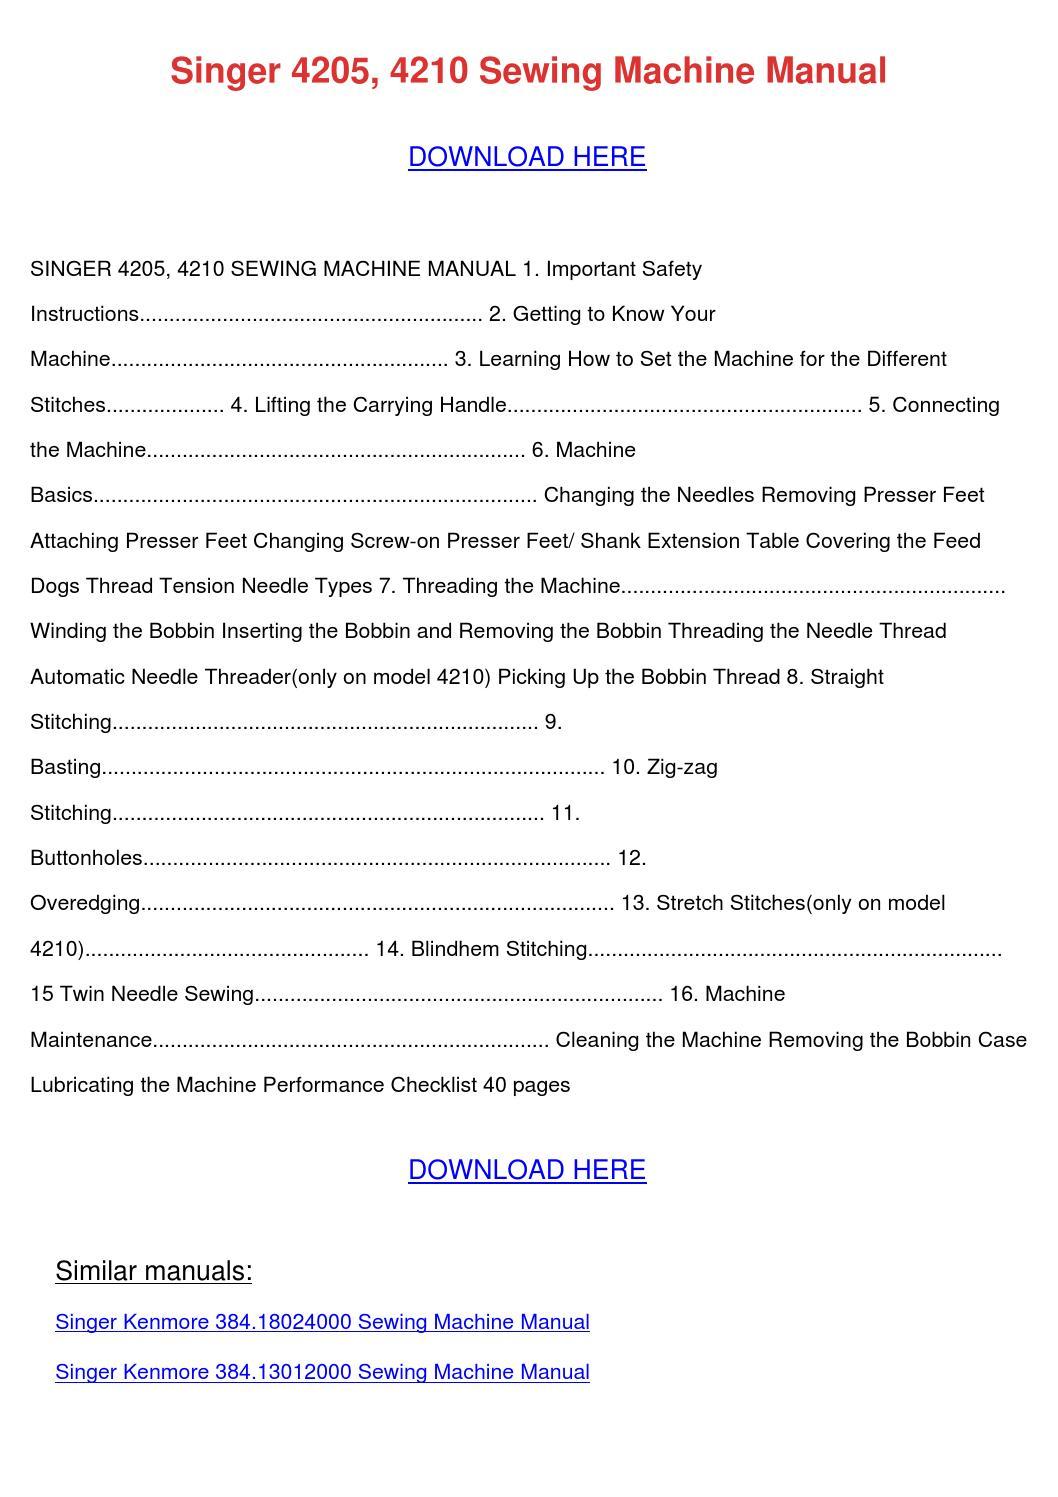 singer sewing machine 4210